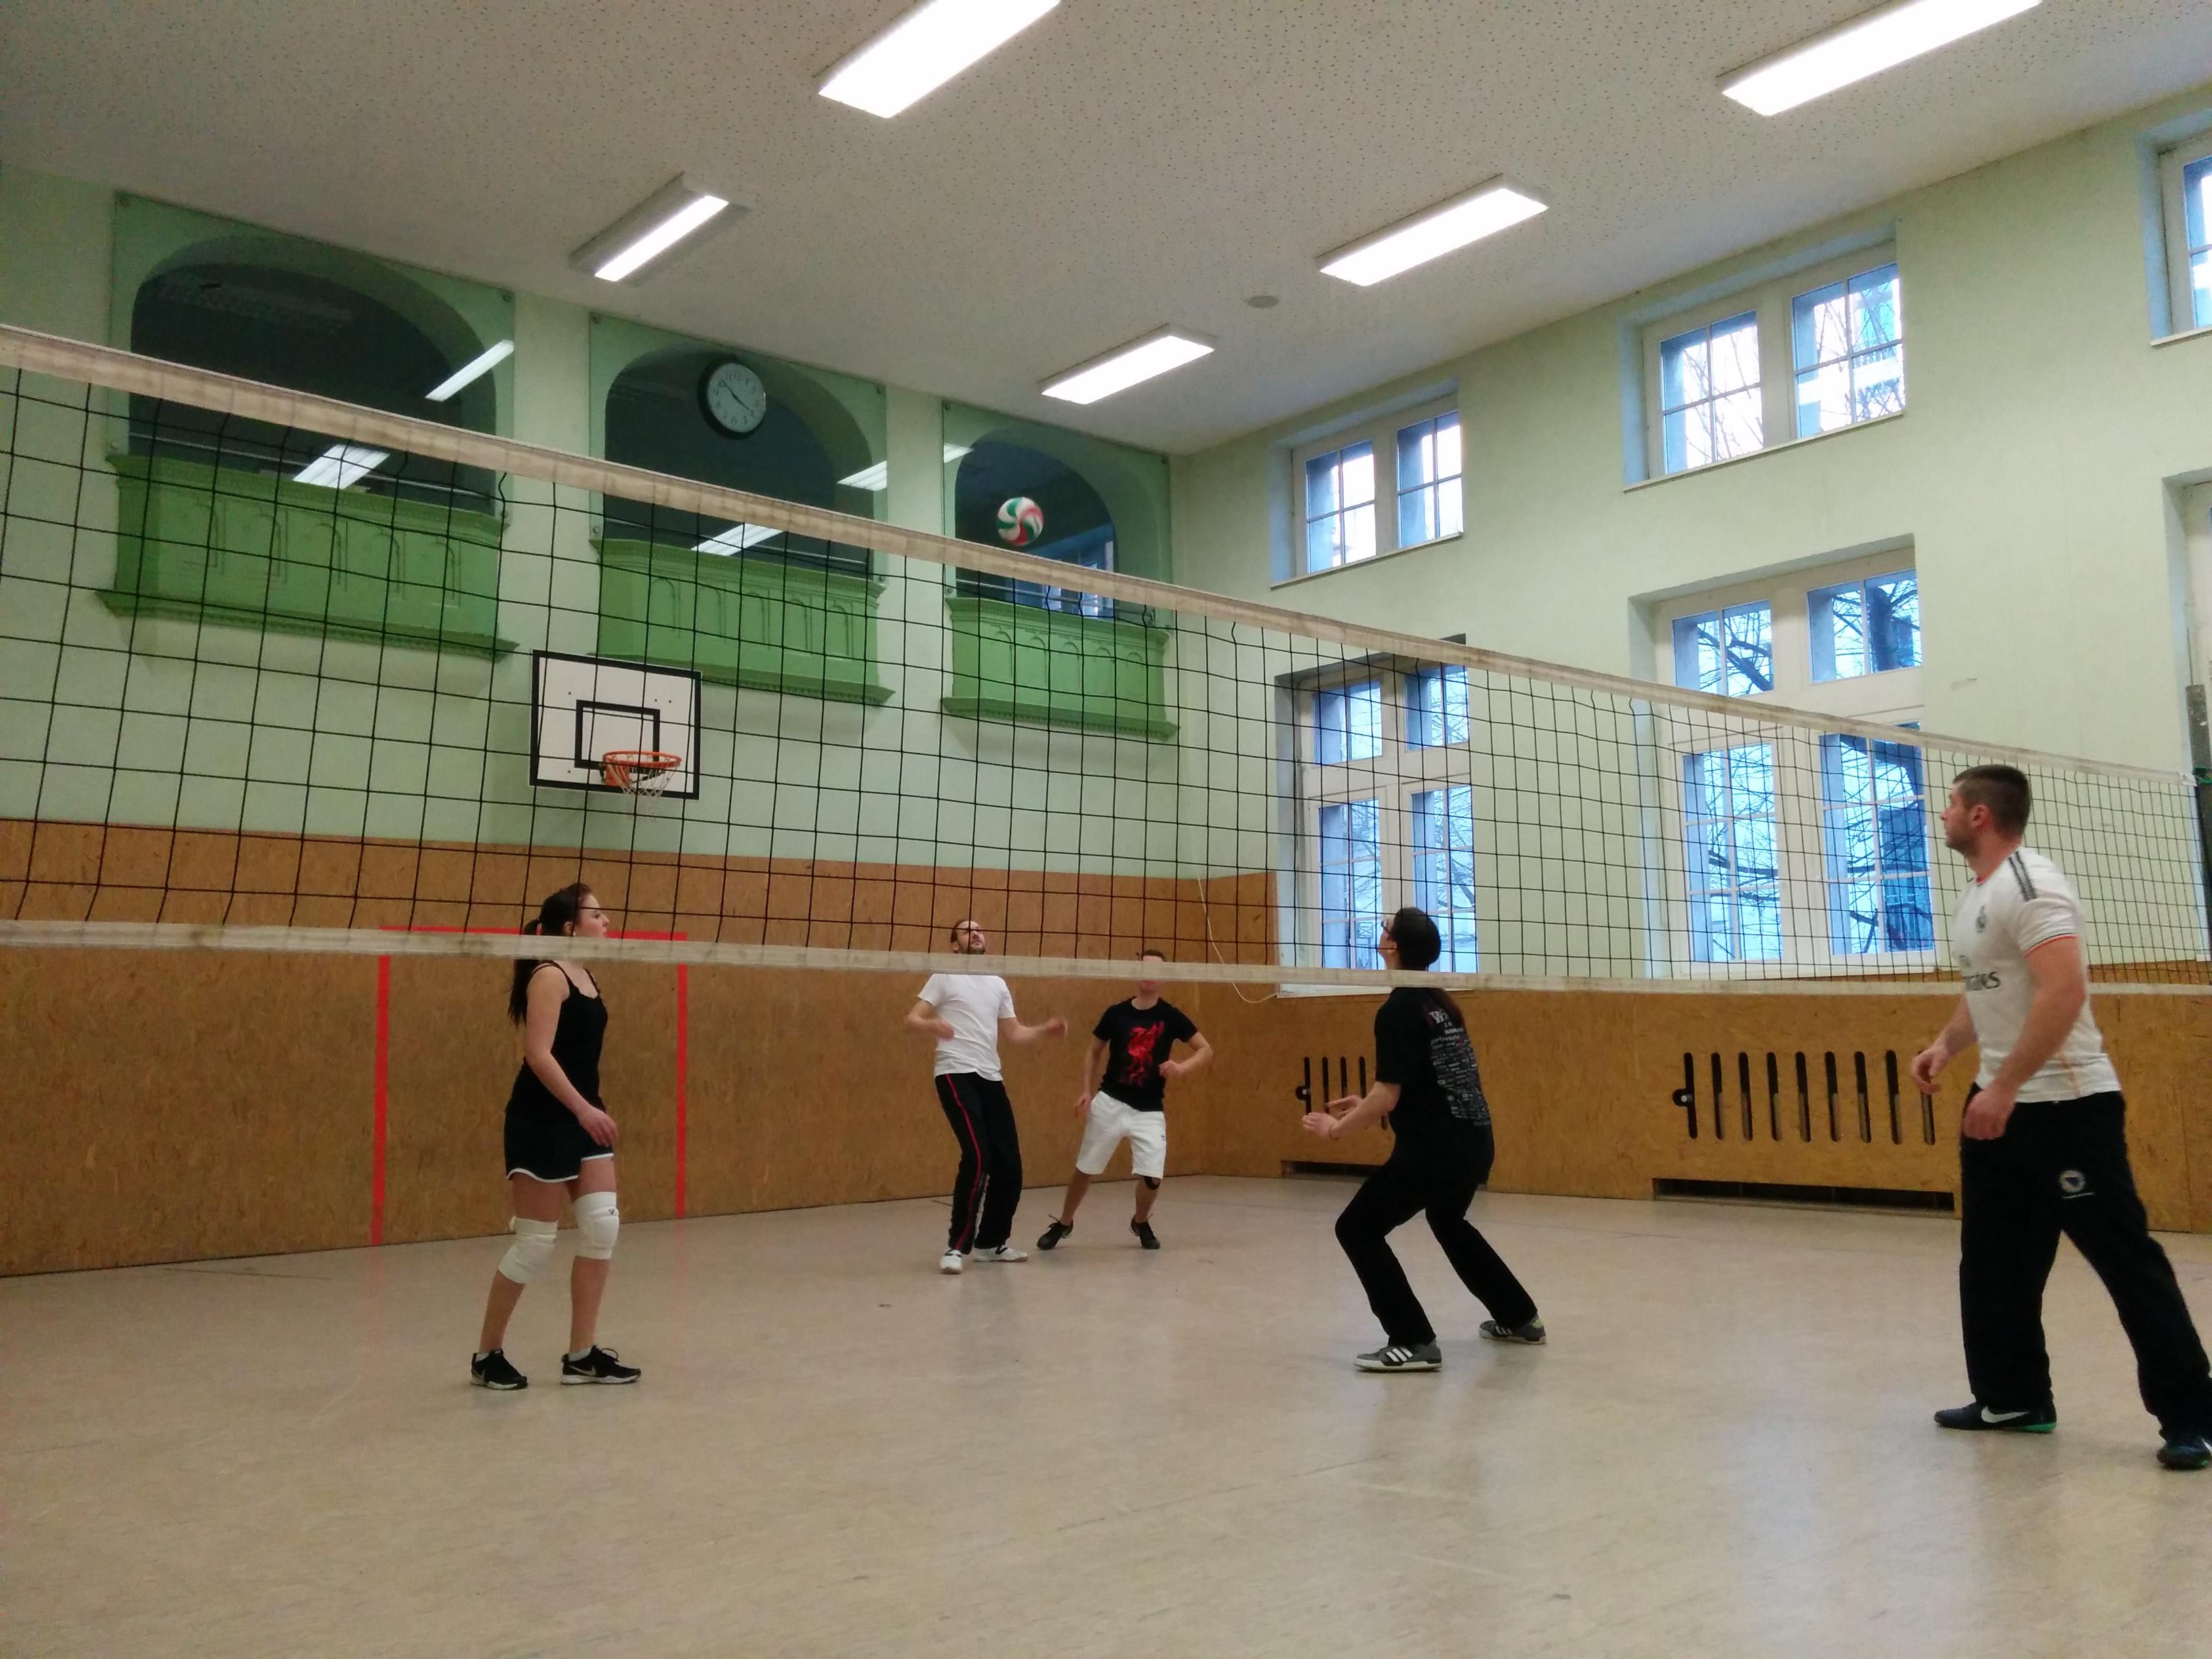 unsere Jugendlichen beim Volleyballspiel